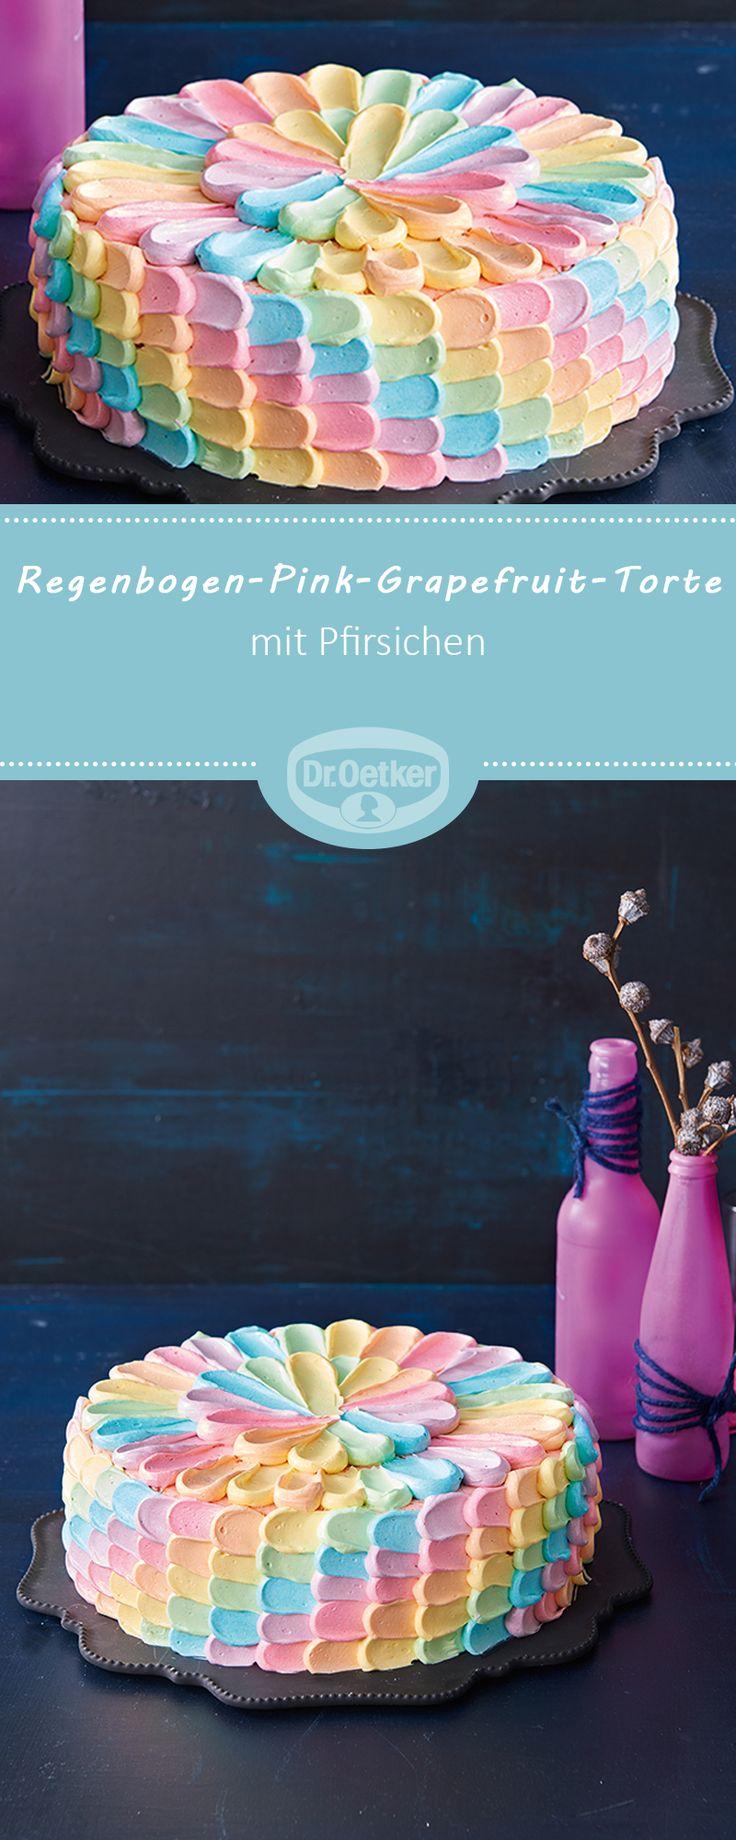 Regenbogen-Pink-Grapefruit-Torte - Torte in Regenbogen-Wisch-Optik mit einer fruchtigen Quark-Pink Grapefruit-Creme und Pfirsichen #rezept #regenbogen #lecker